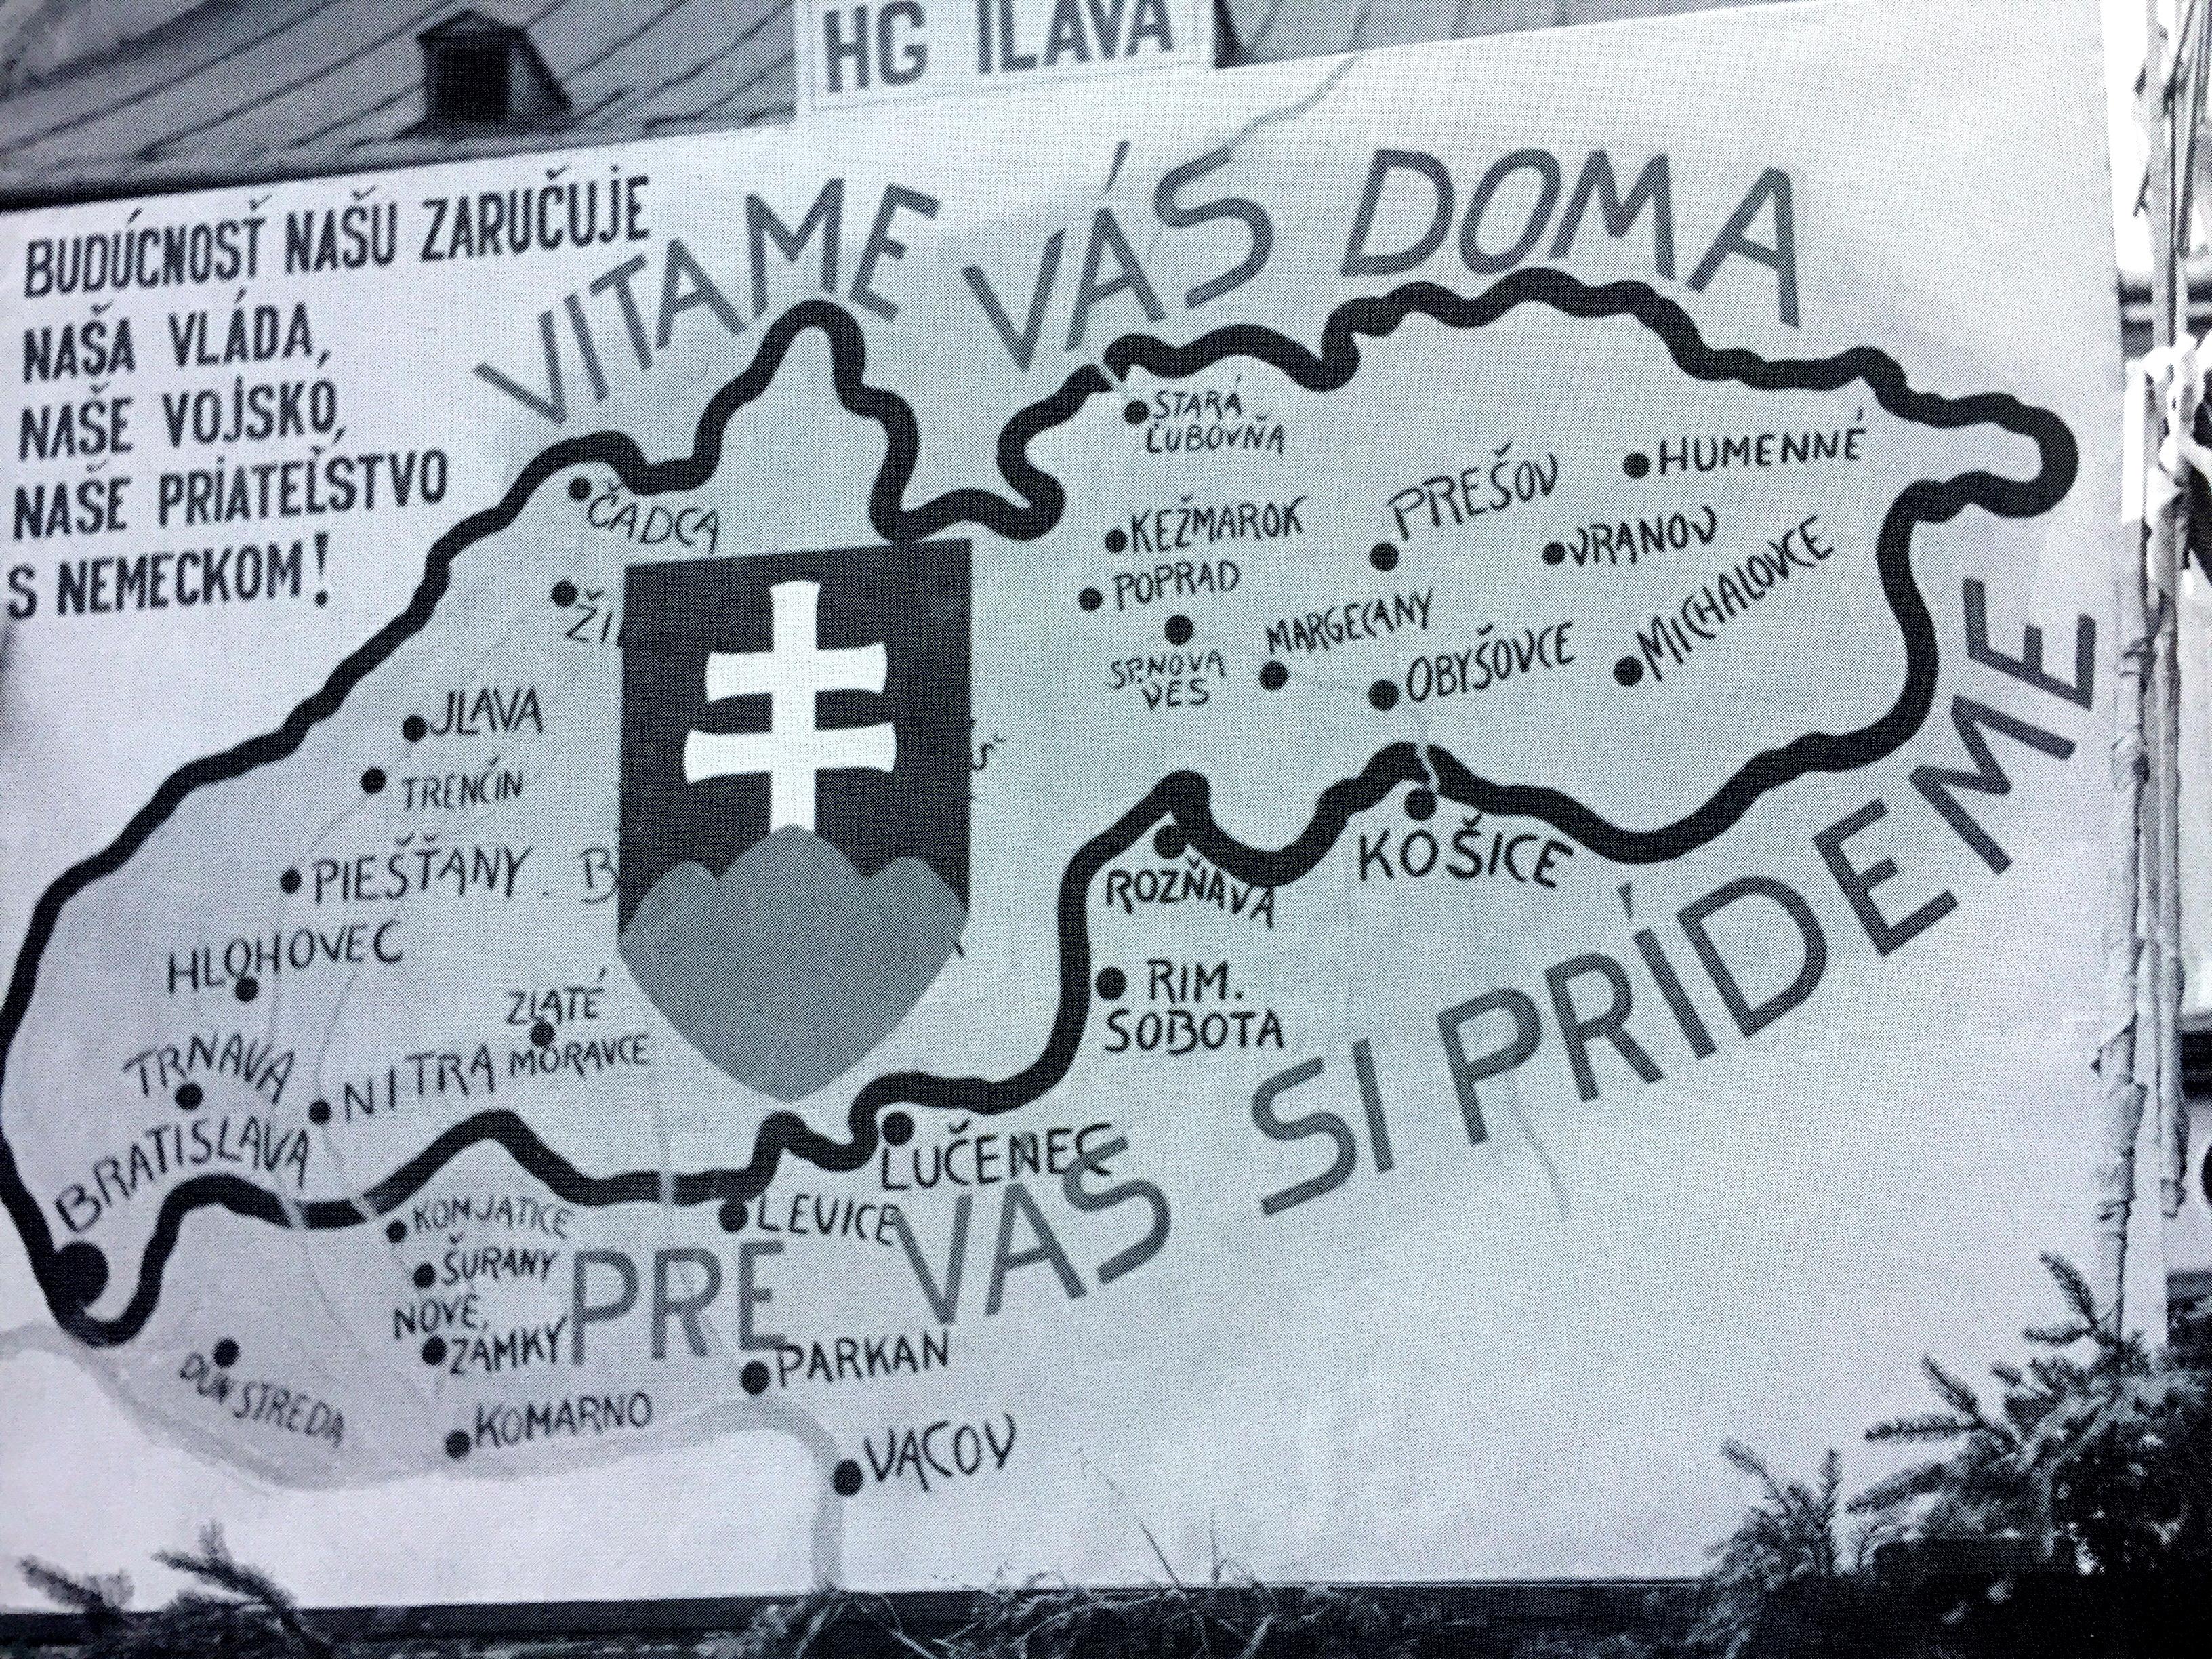 Na VIII. zjazde HSĽS v Trenčíne sa objavil plagát s jasným postojom k okupácii Slovenska horthyovským Maďarskom. (Foto: archív)